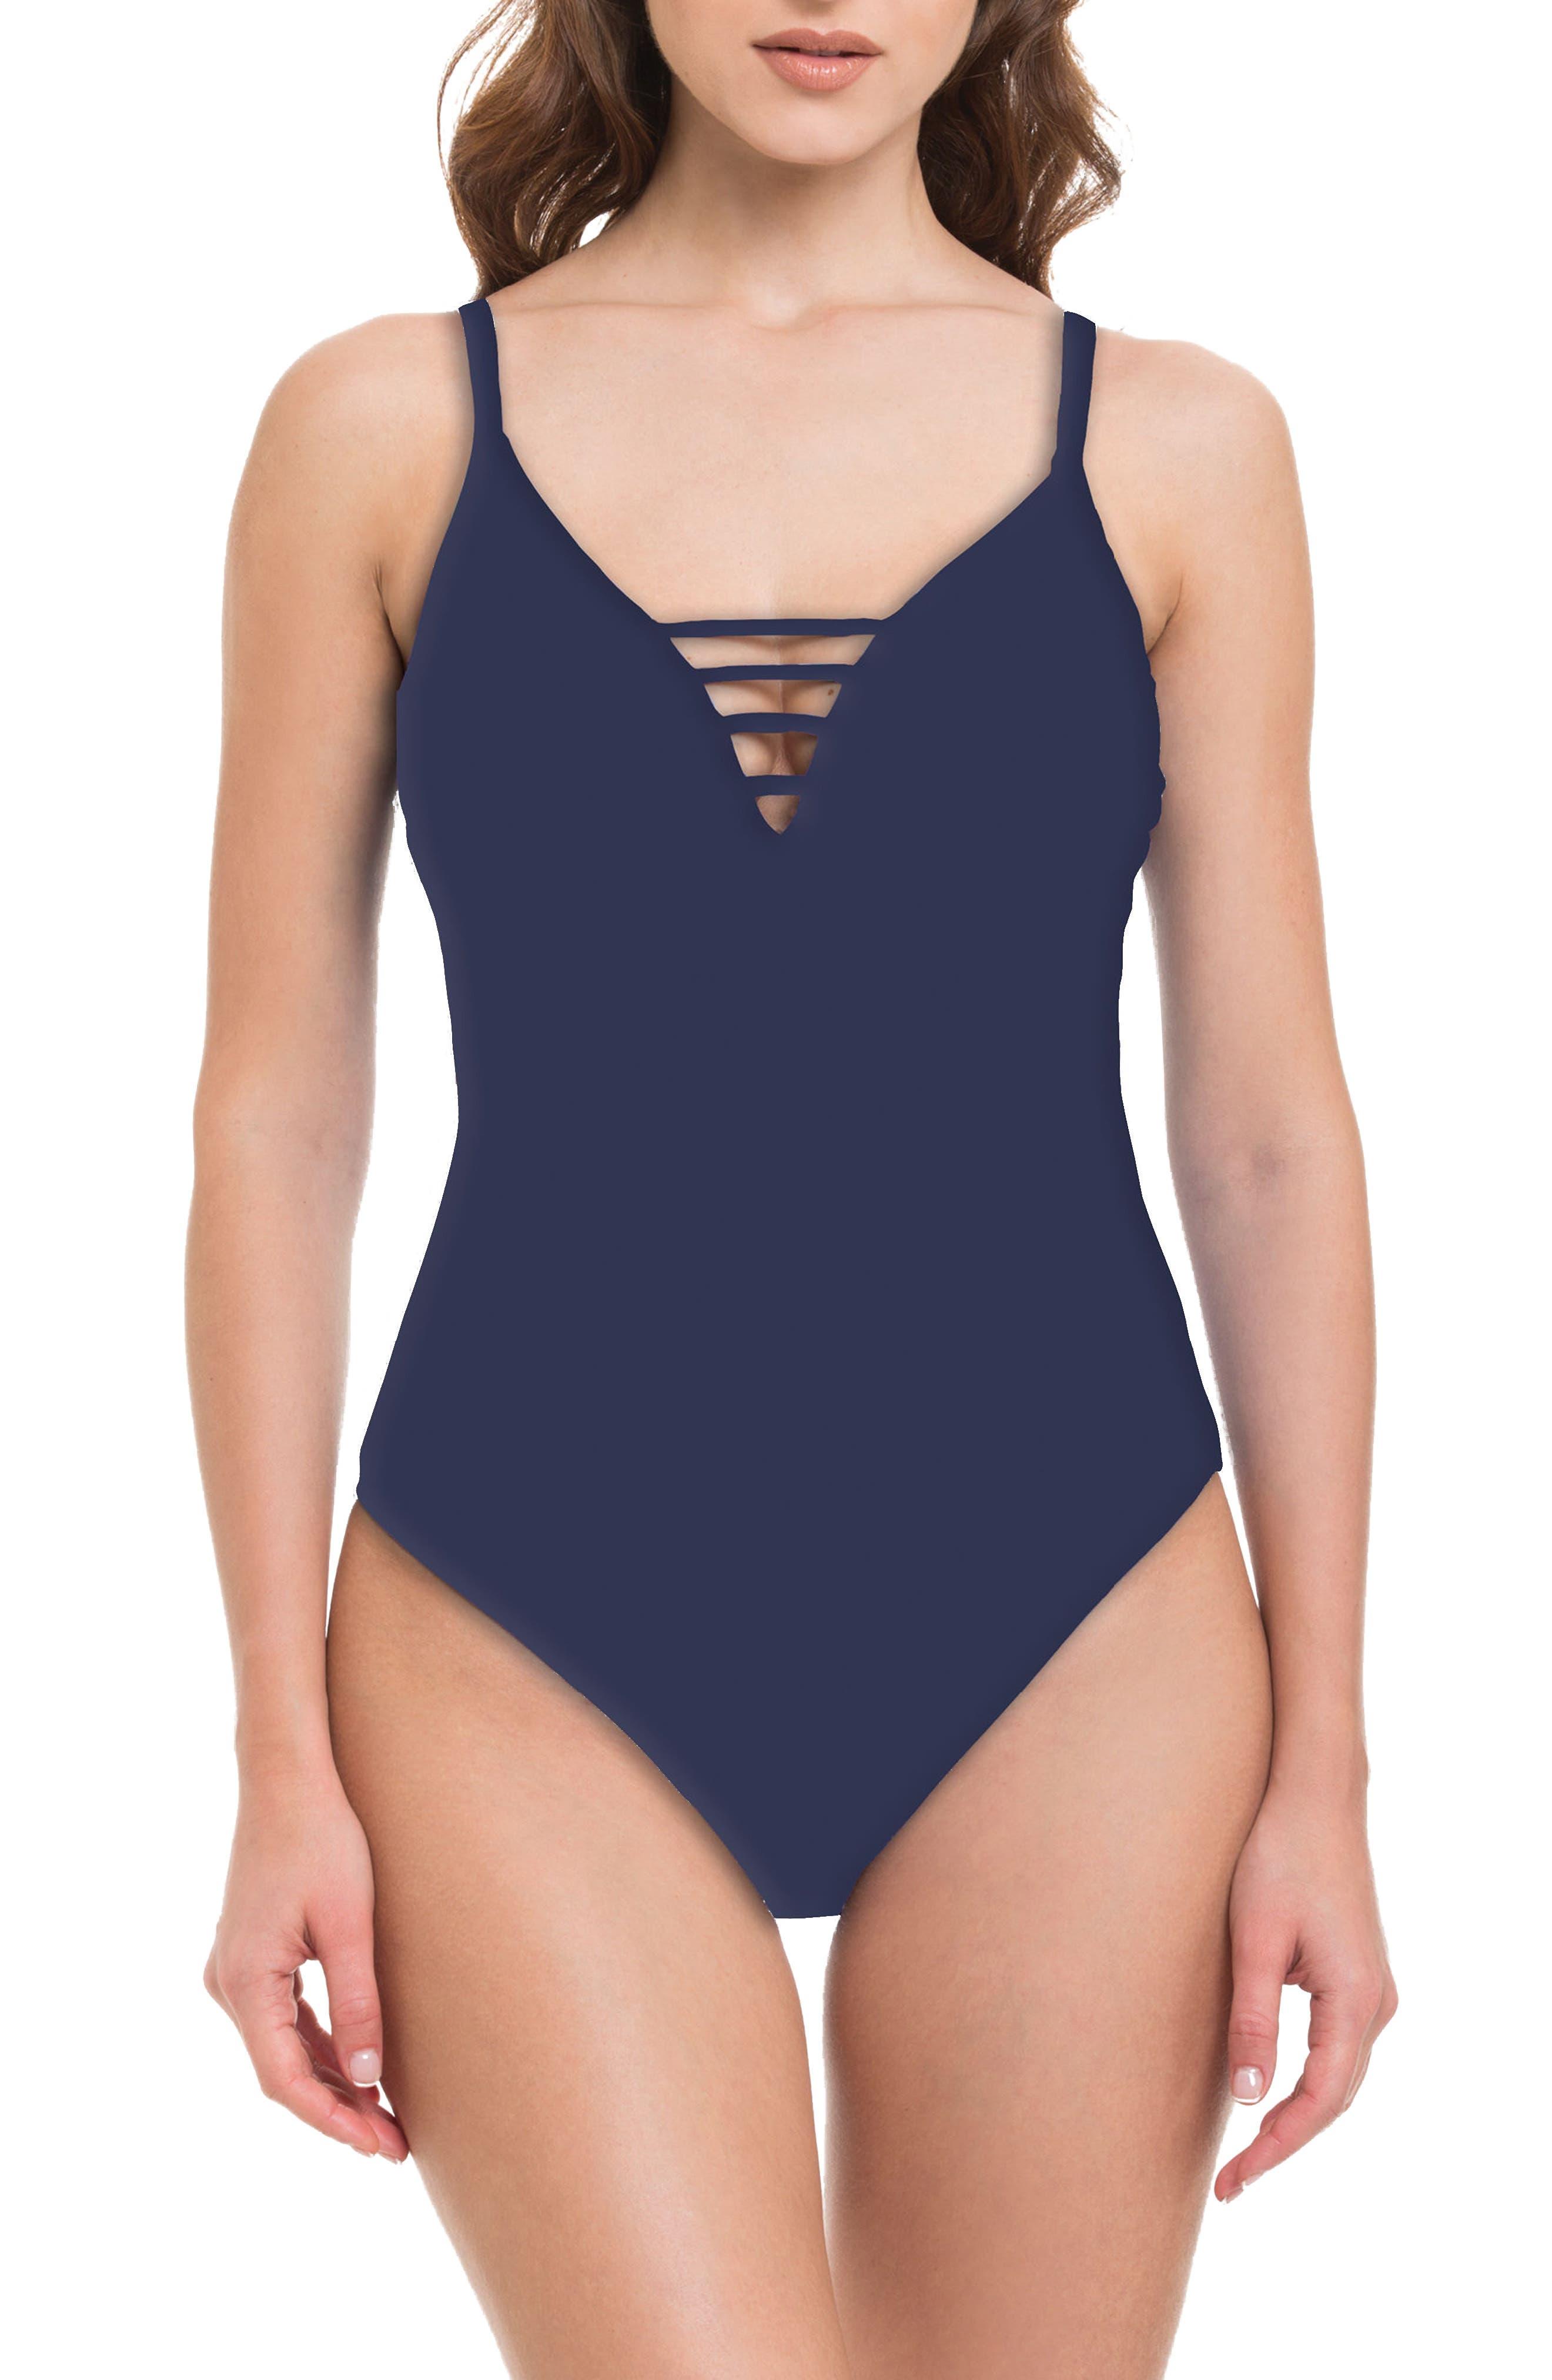 Quartzite One-Piece Swimsuit,                             Main thumbnail 1, color,                             Navy